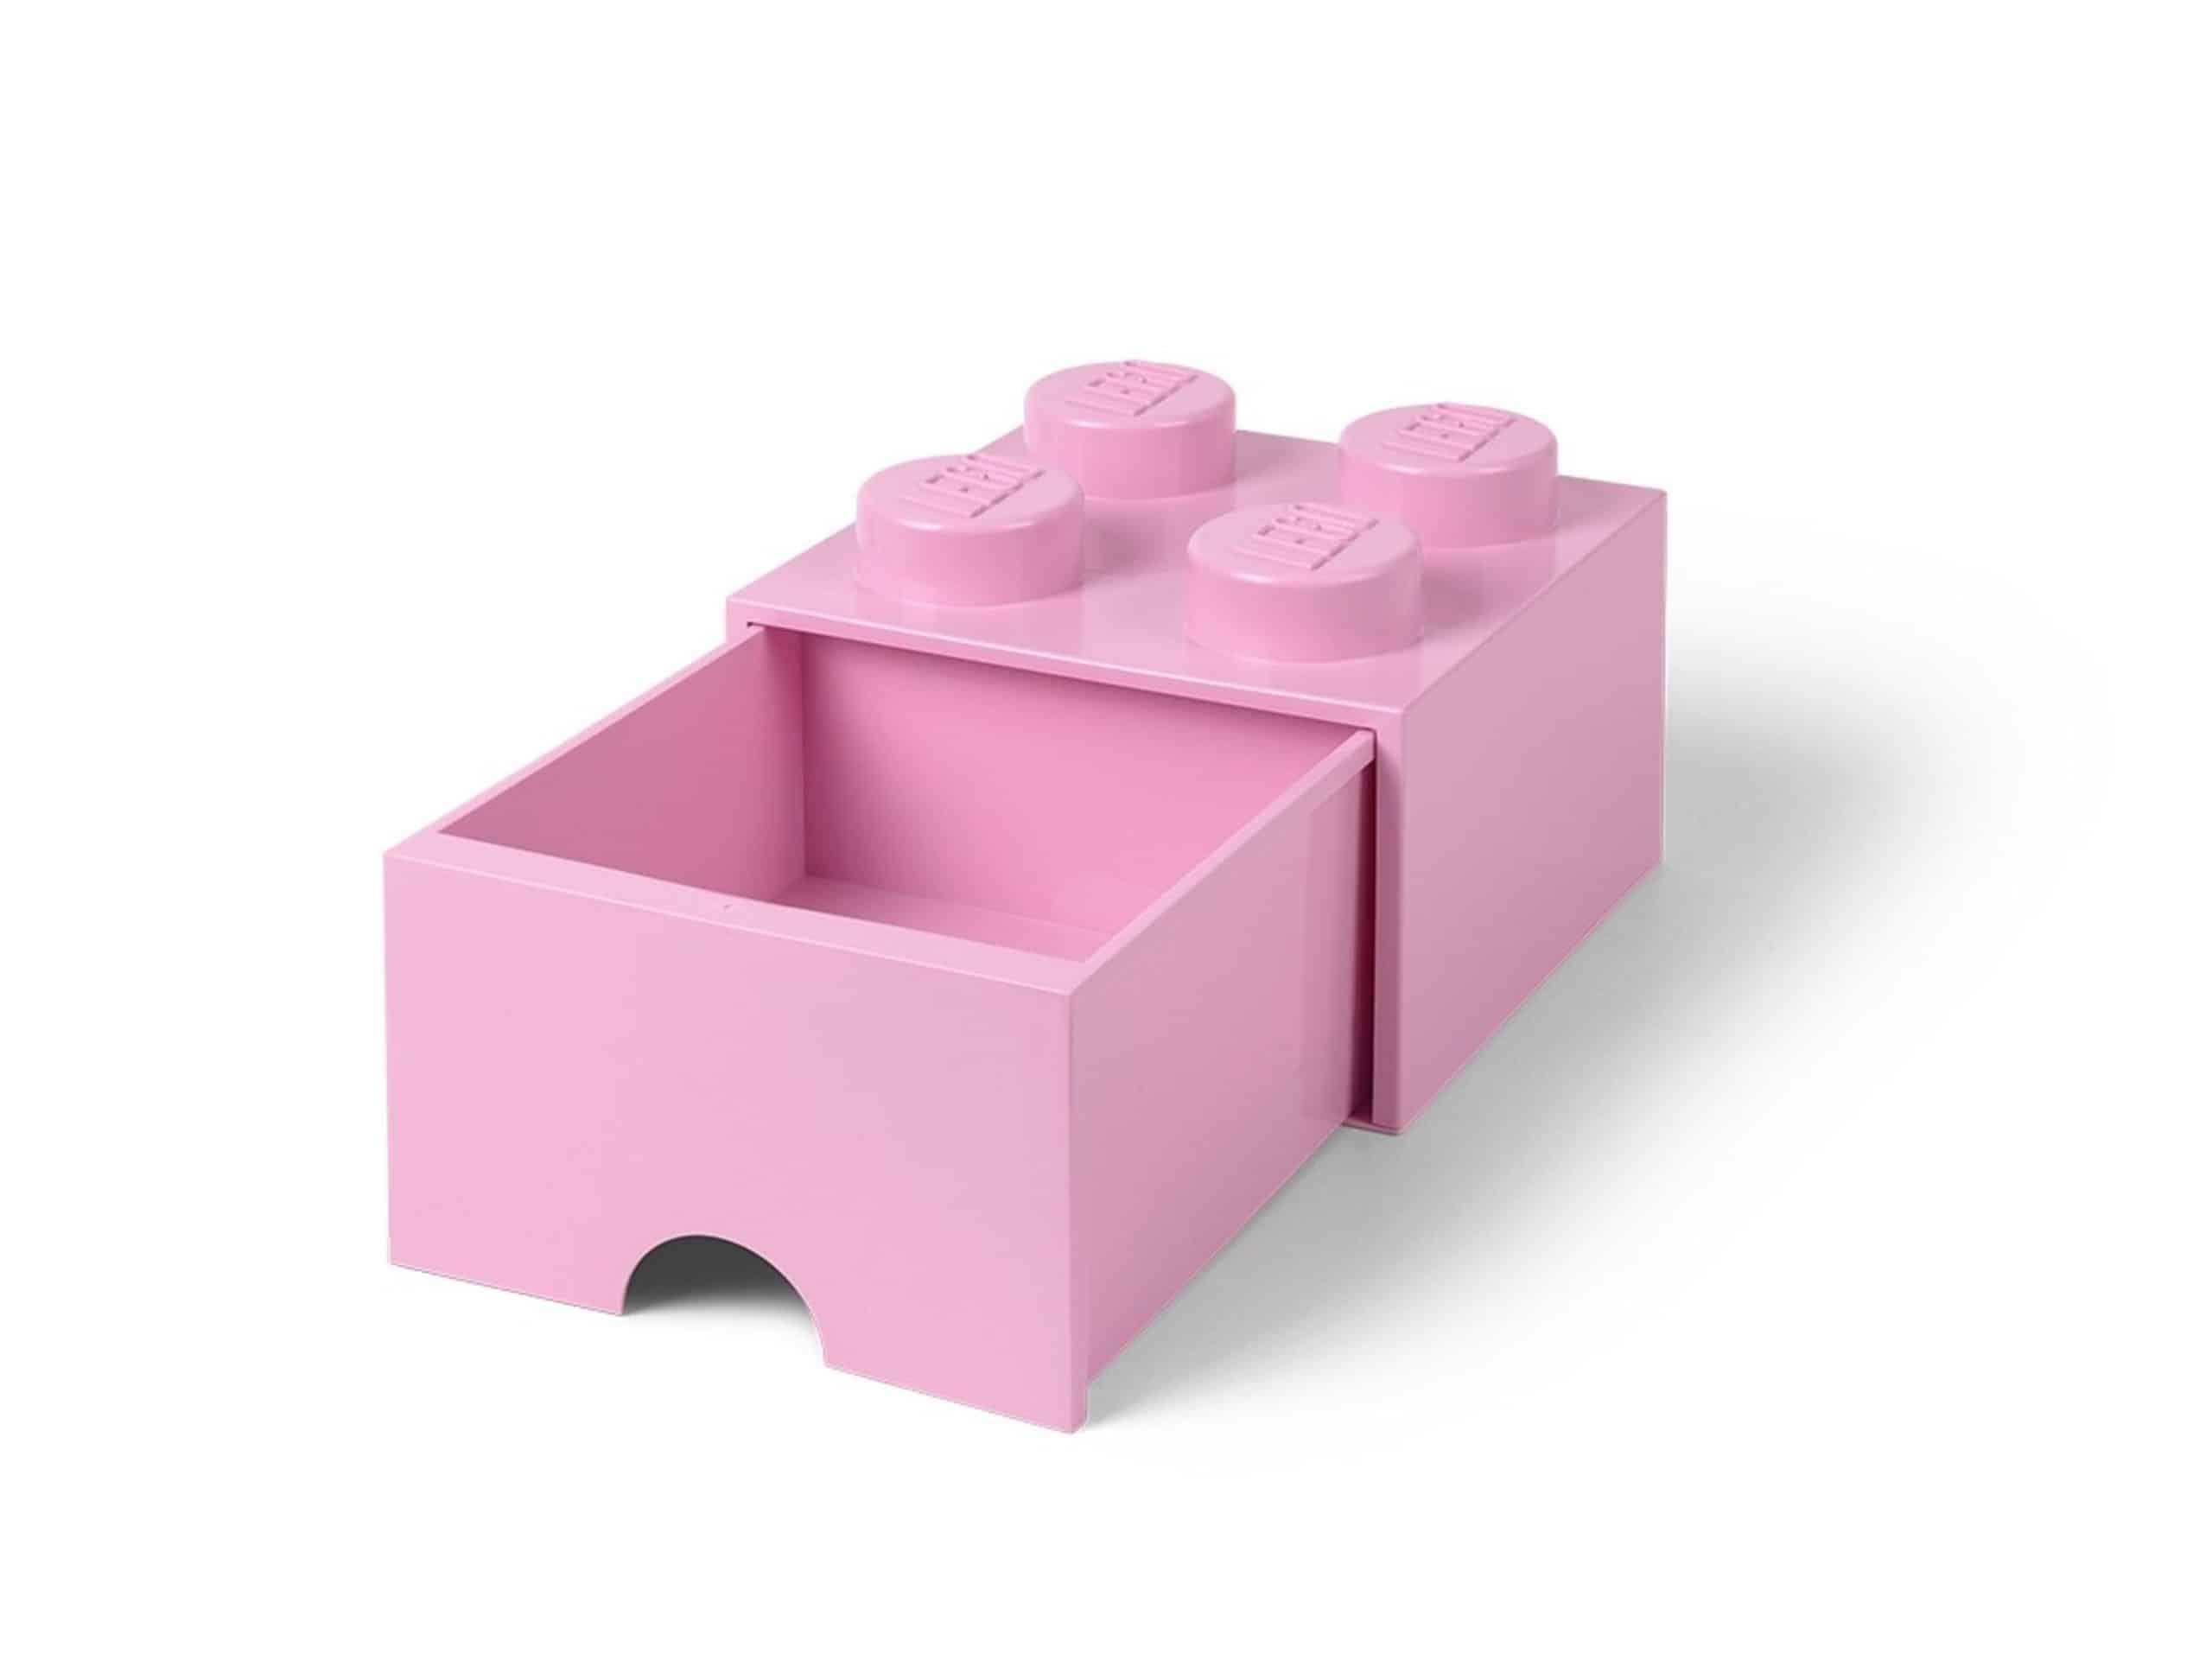 lego felpaarse opslagsteen met 4 noppen en een lade 5006173 scaled